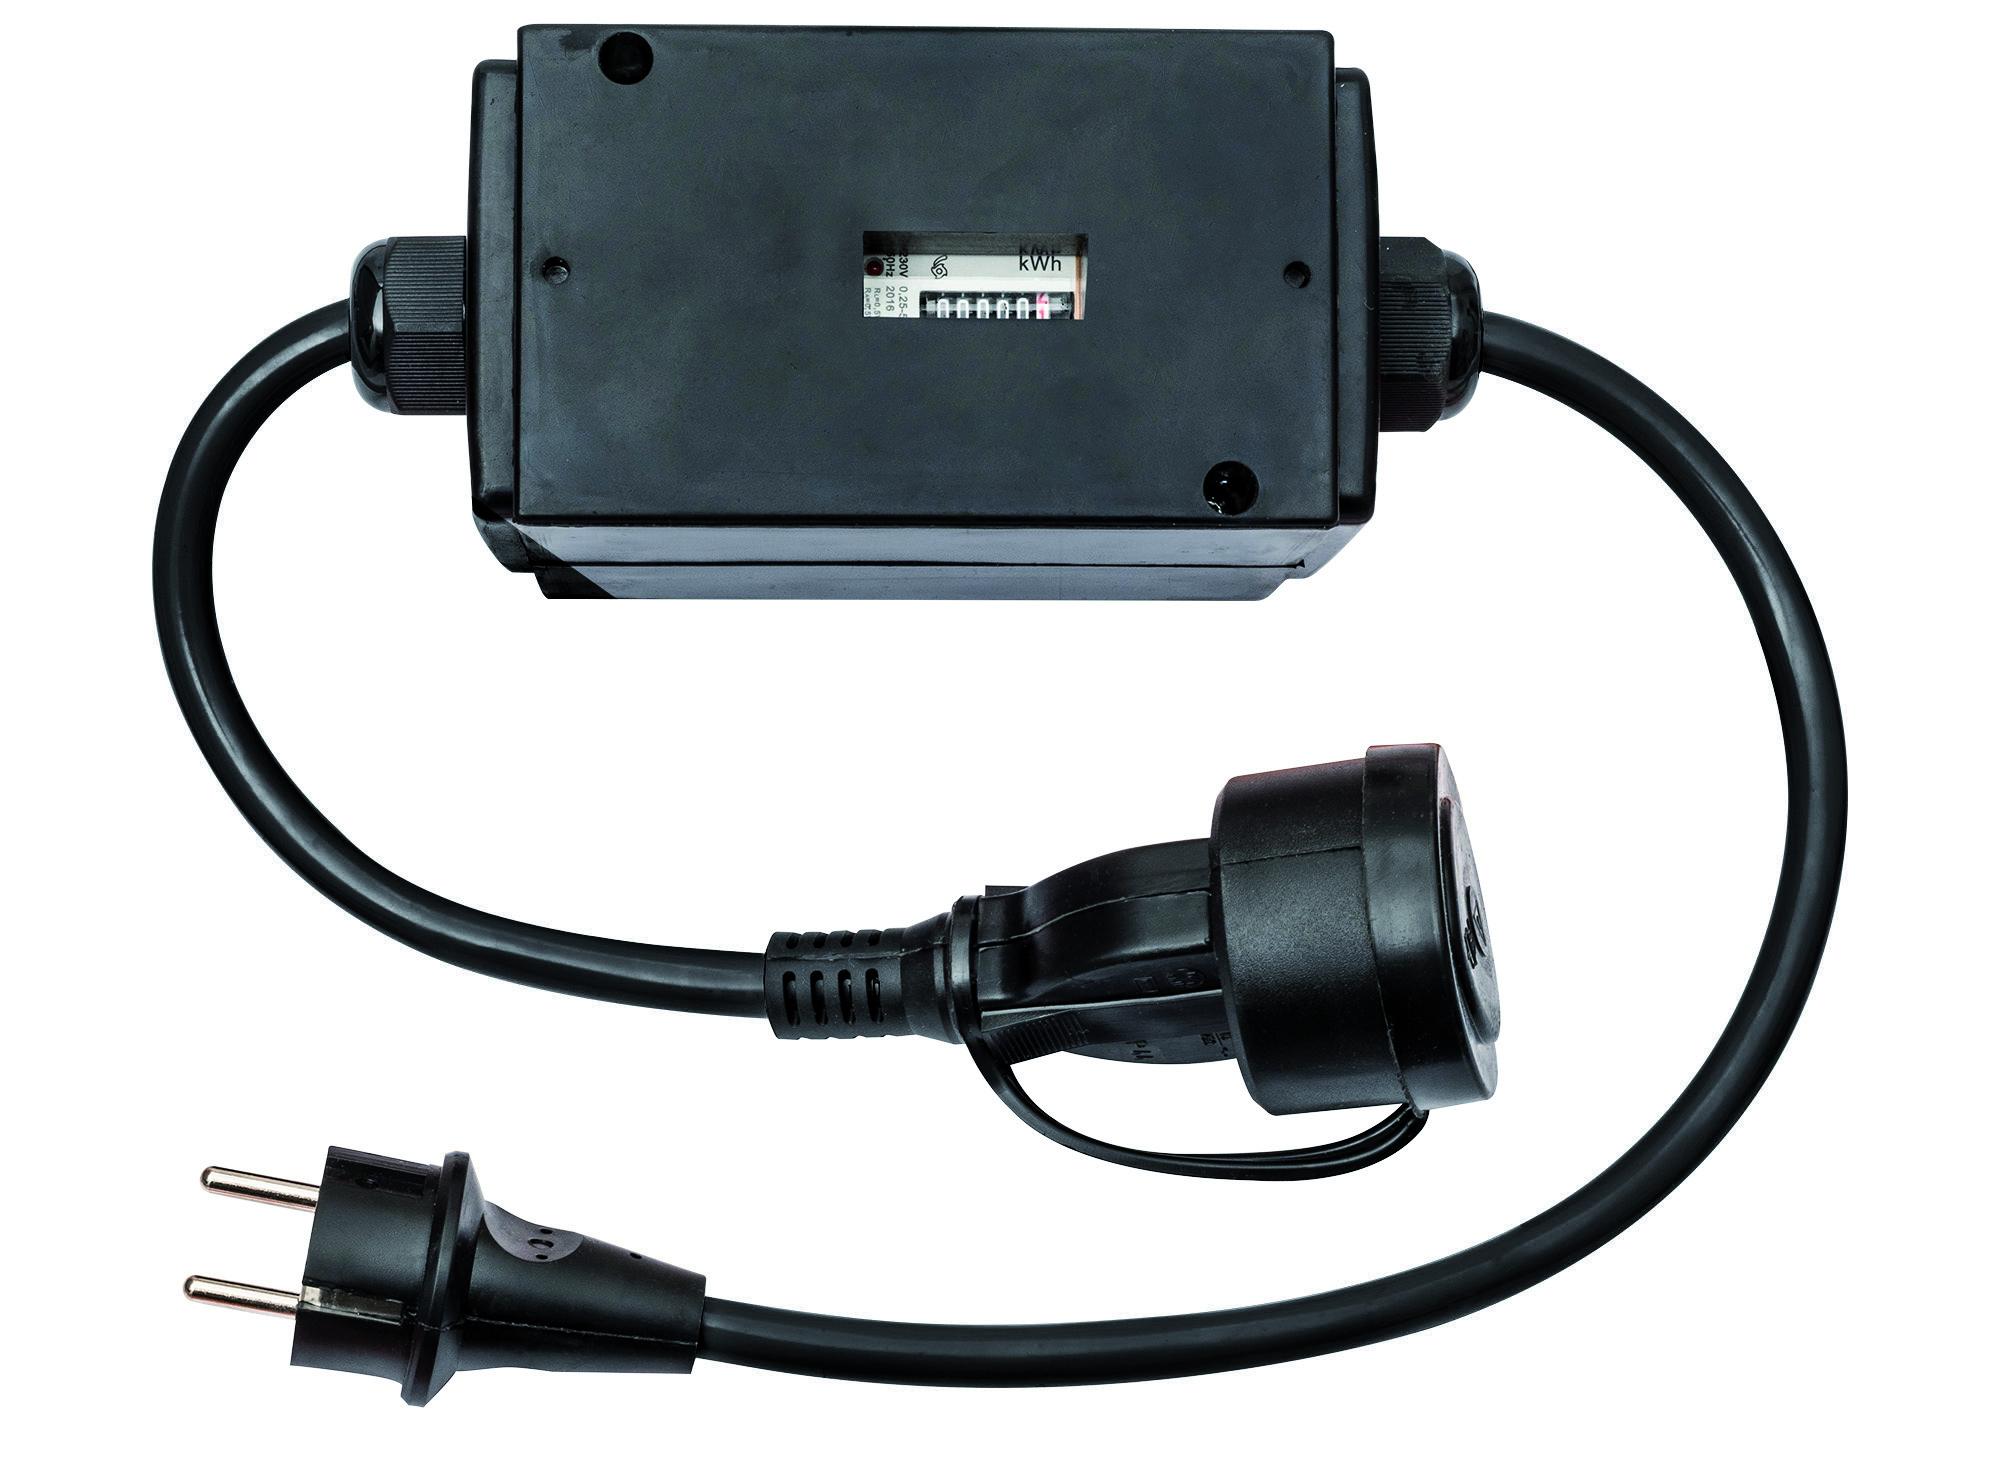 Stromzähler mit hochbruchfestem Gehäuse - zu Abrechnungszwecken geeignet - MID geeicht